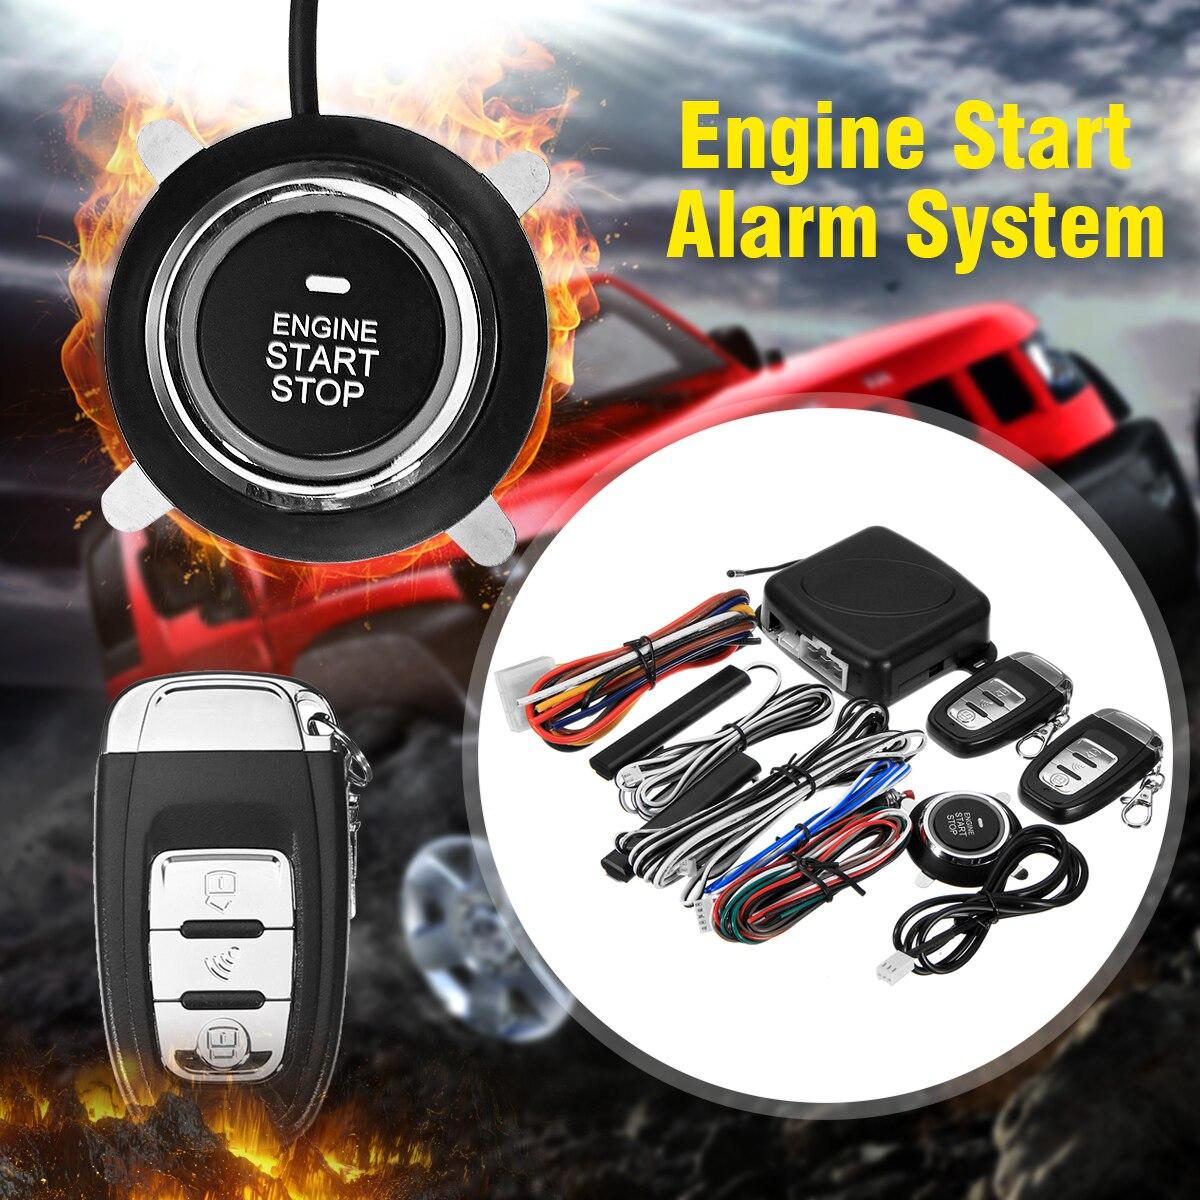 9 adet diy araba SUV anahtarsız giriş motoru çalıştırma anahtarsız Alarm sistemi Push Button uzaktan marş durdurma otomobiller oto araba aksesuarları